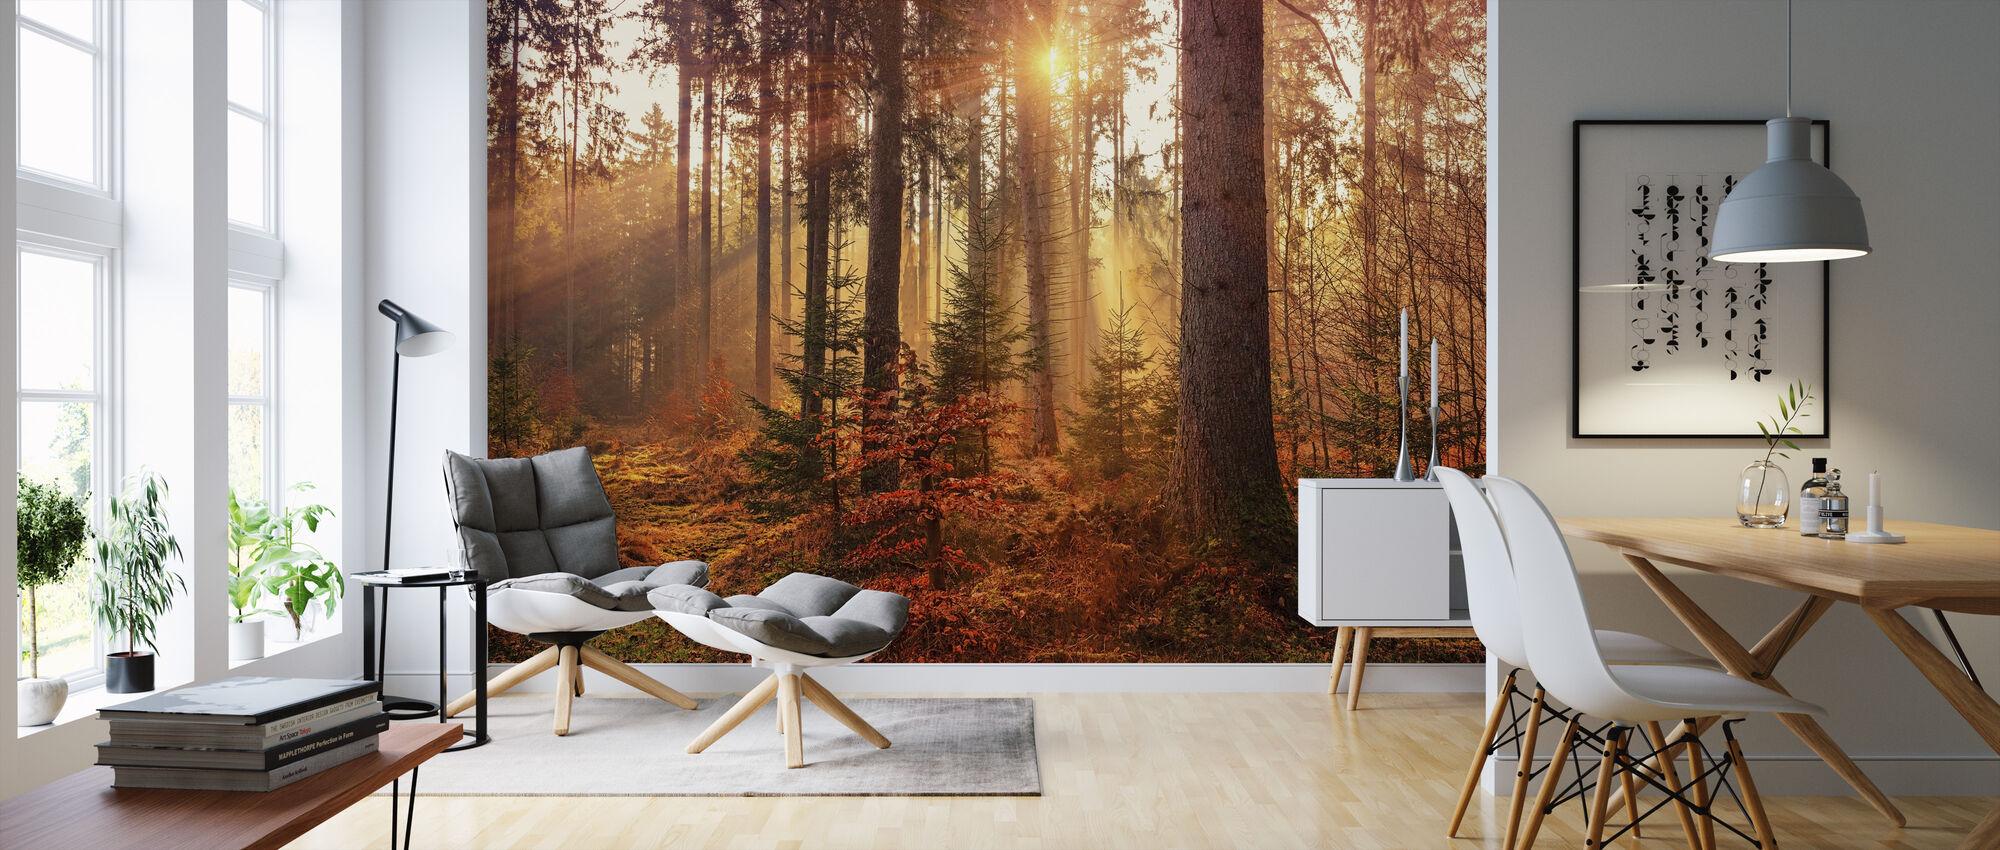 Mystery Forest Light - Wallpaper - Living Room